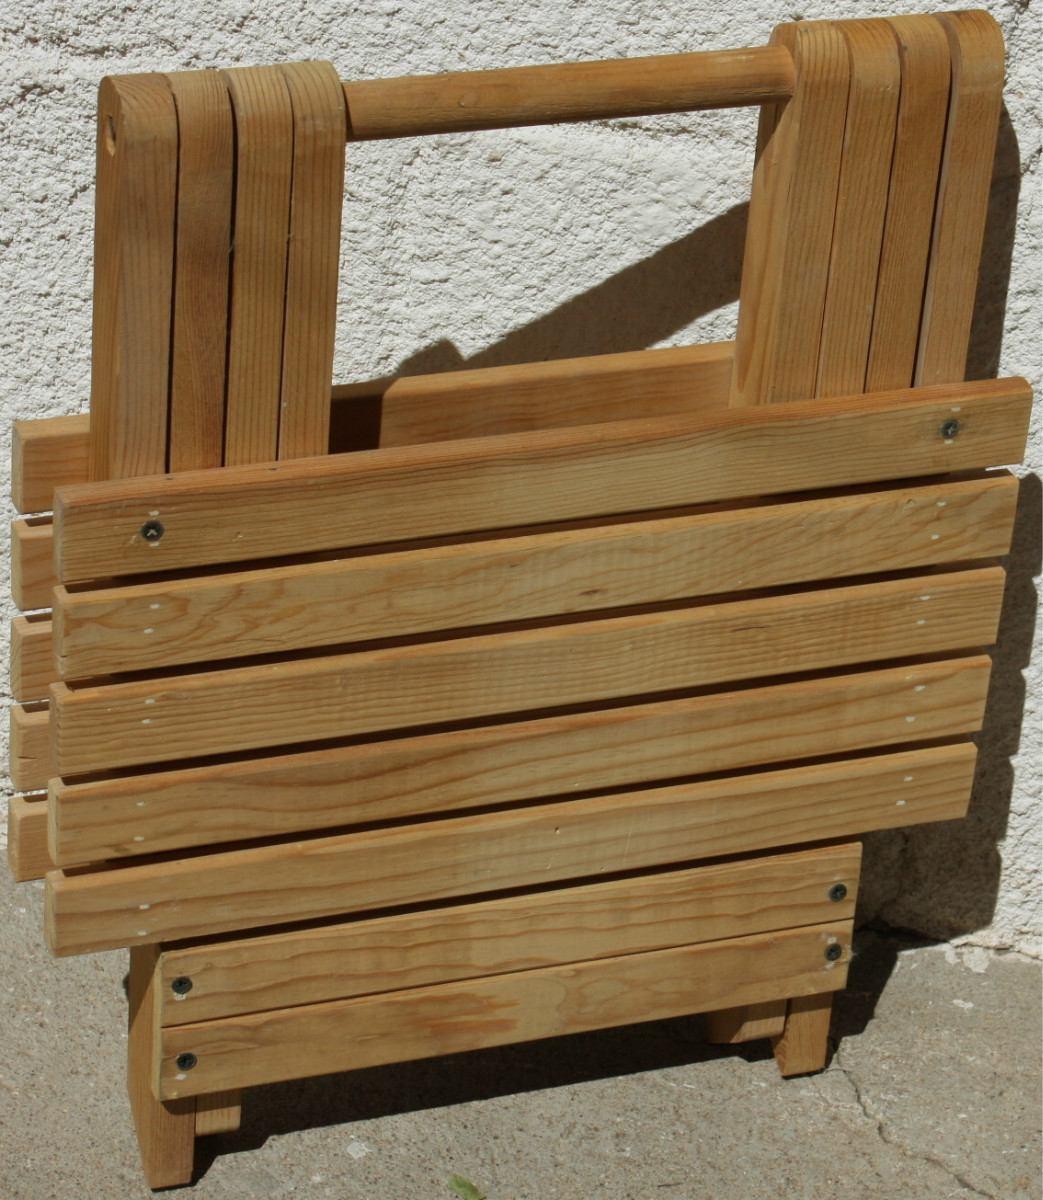 Banco de jard n mueble plegable madera jardin interiores for Bancos de madera para jardin